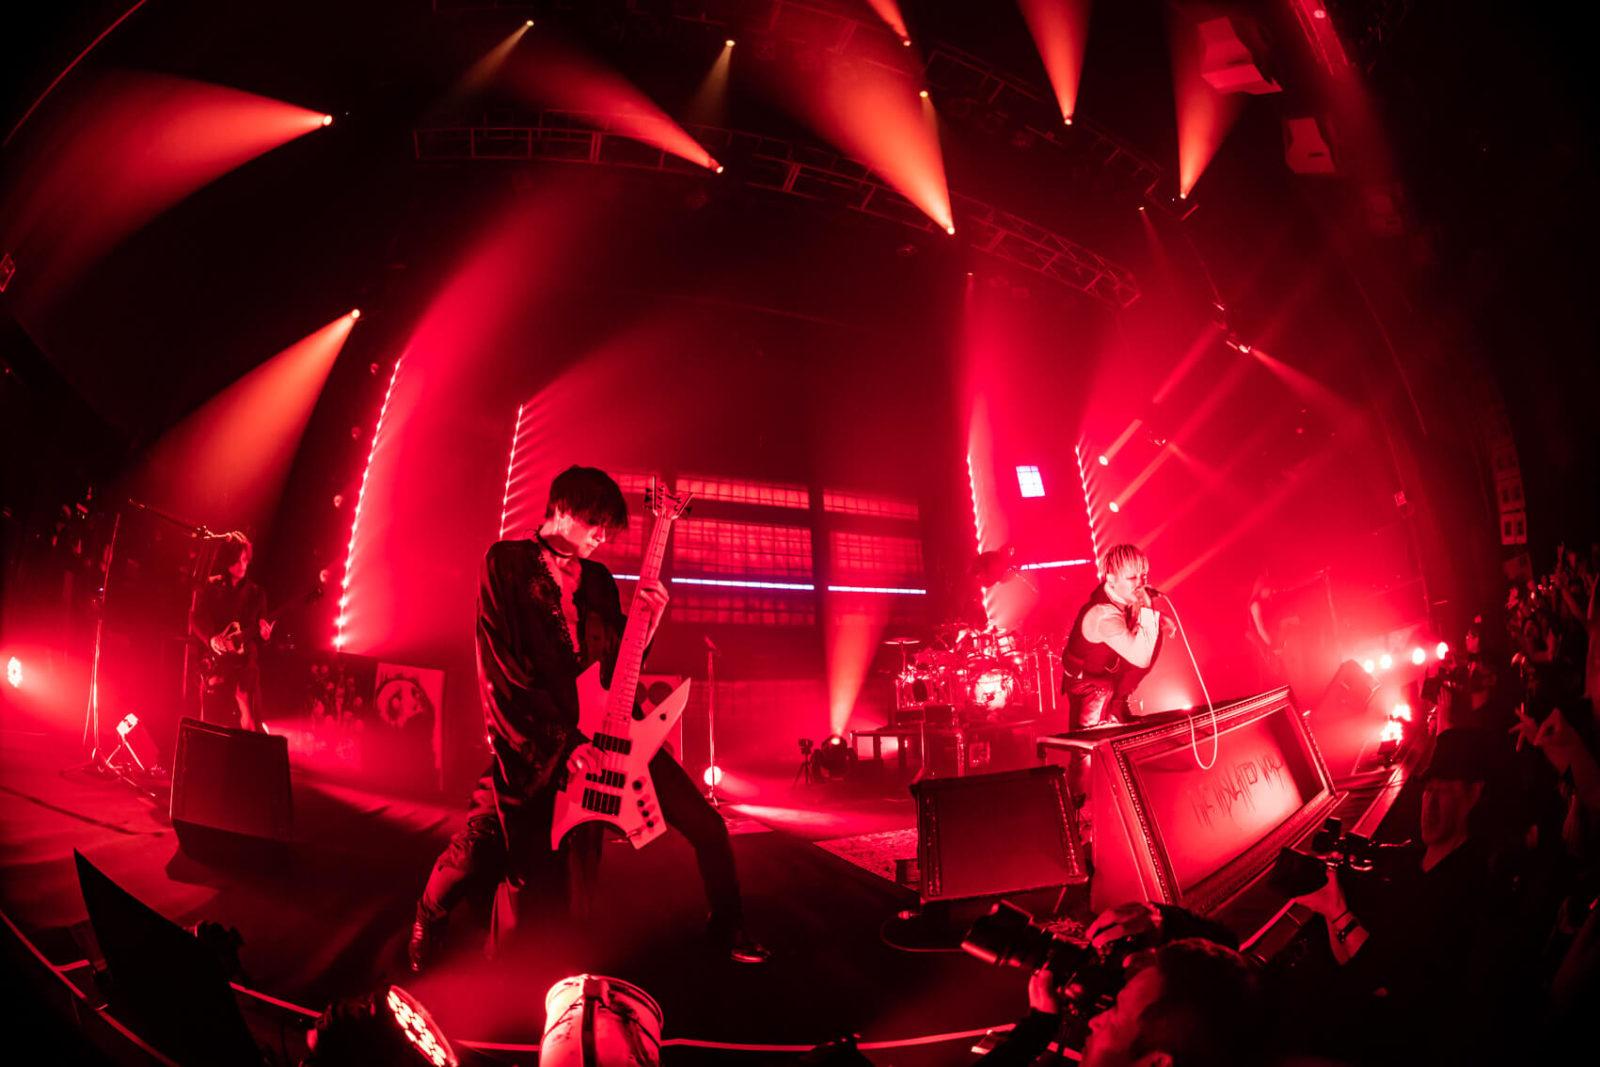 DIR EN GREY、30thシングルリリース&6カ国10公演のヨーロッパツアー開催サムネイル画像!